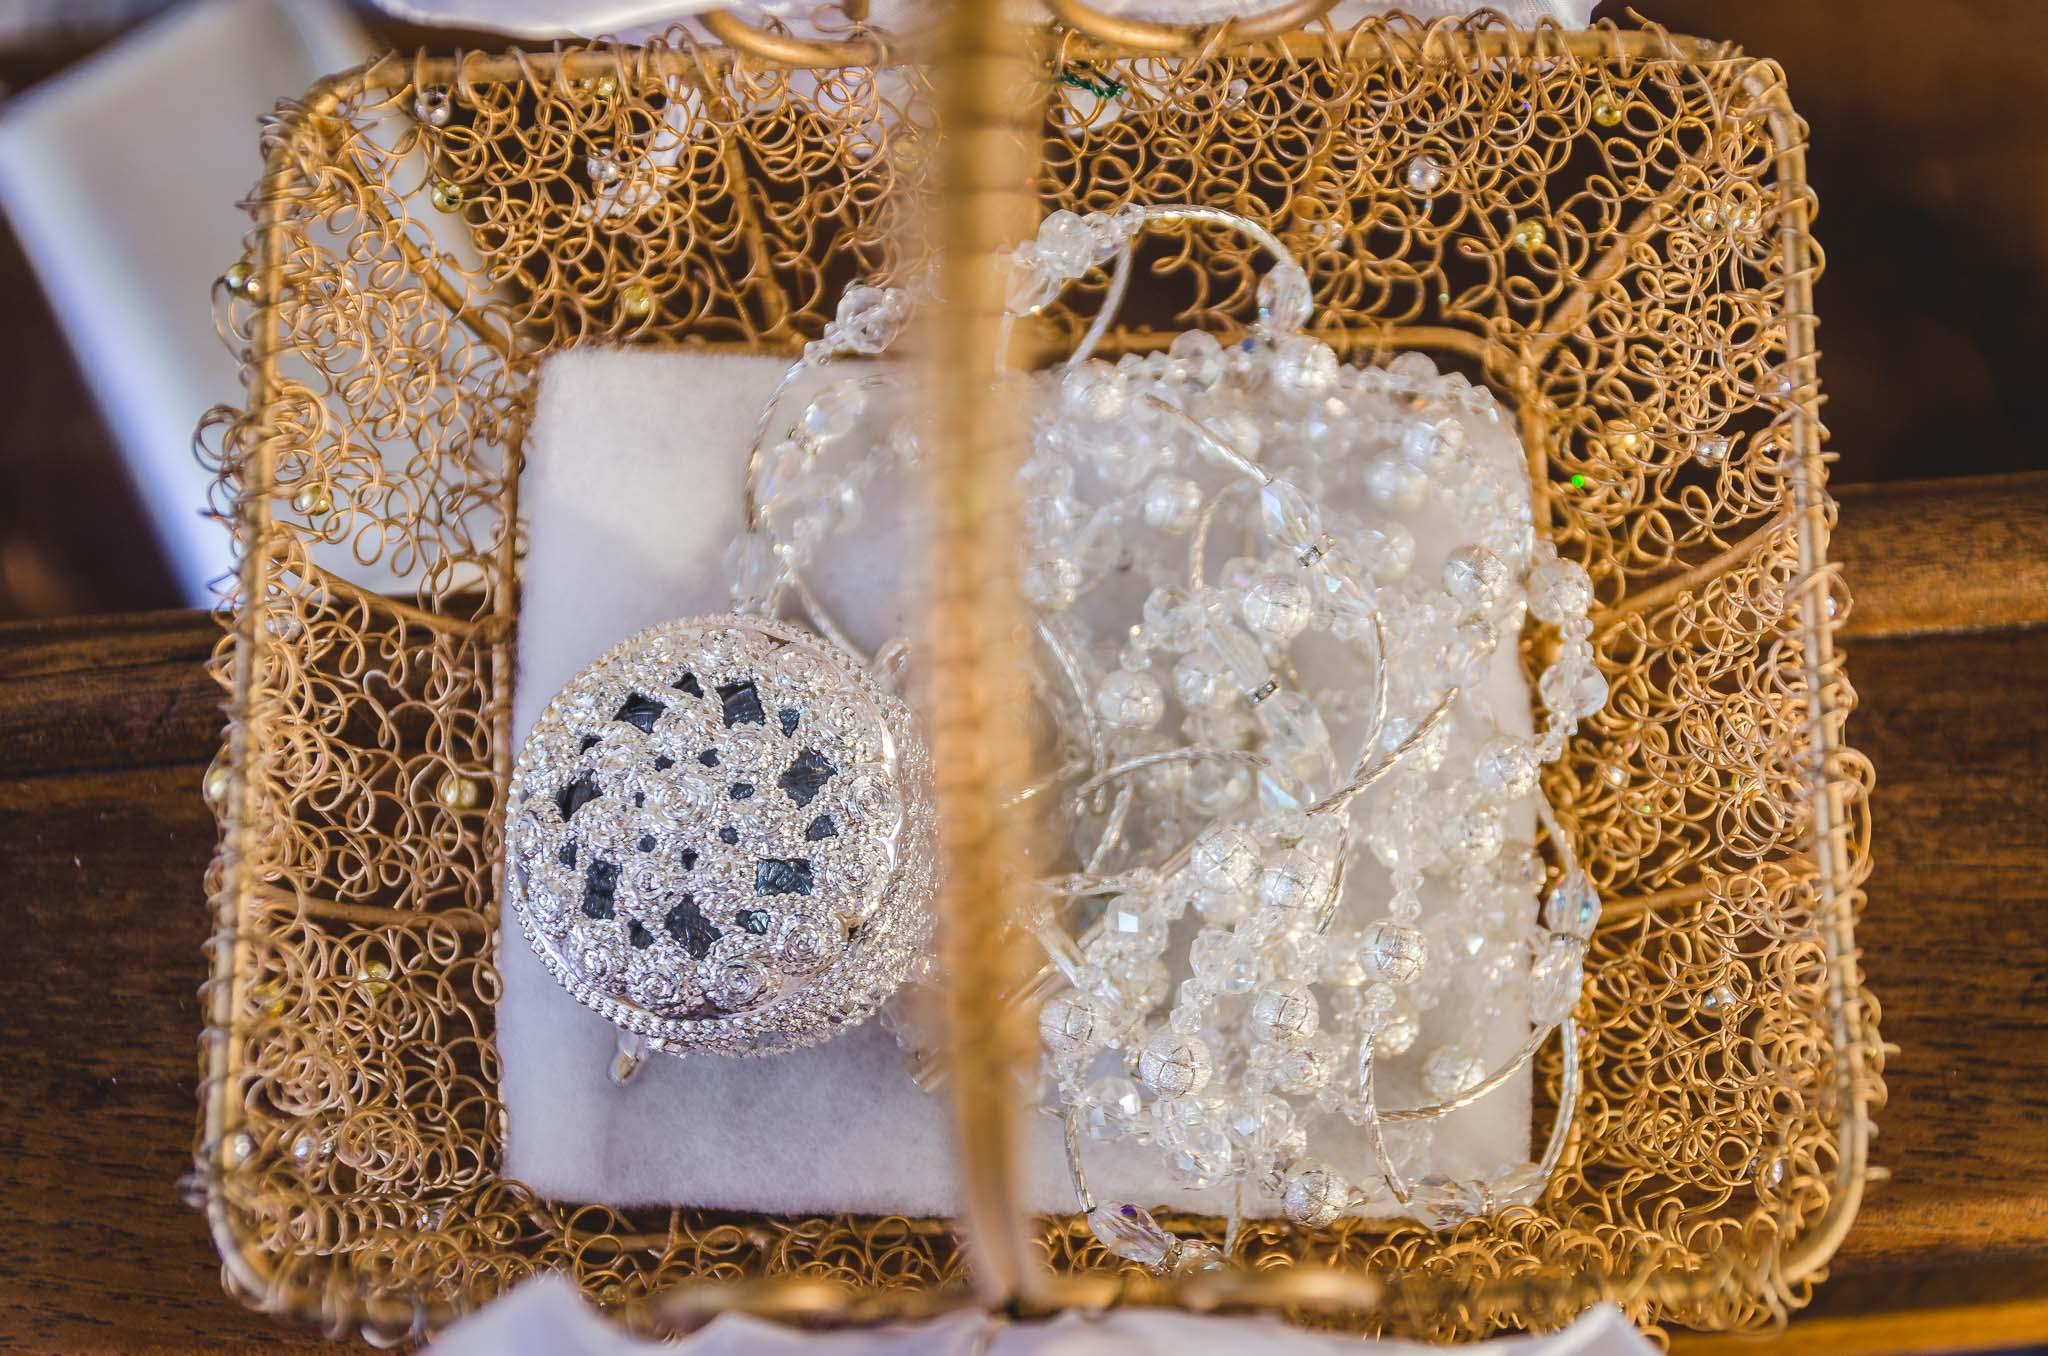 wedding-Efrain-Cabaña_Suiza-bodas-juan-salazar-fotografo-Guatemala-Fotografo_de_bodas-juansalazarphoto